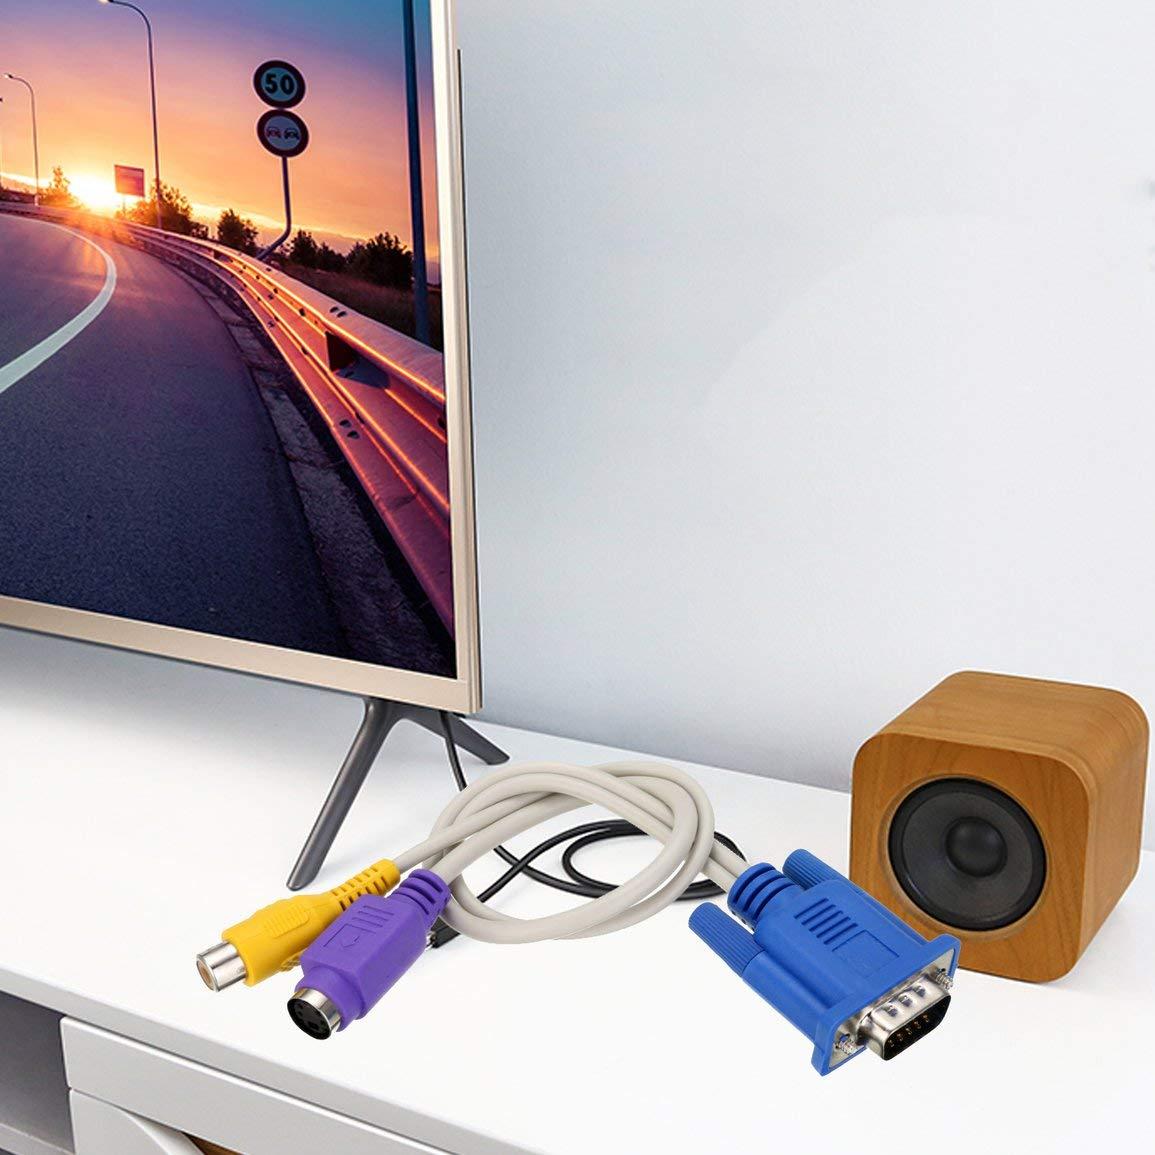 RCA Garciasia 15 Pin VGA SVGA a S-Video S-Video RCA Cable Adaptador convertidor para el Ordenador port/átil PC TV VGA Macho a S-Video